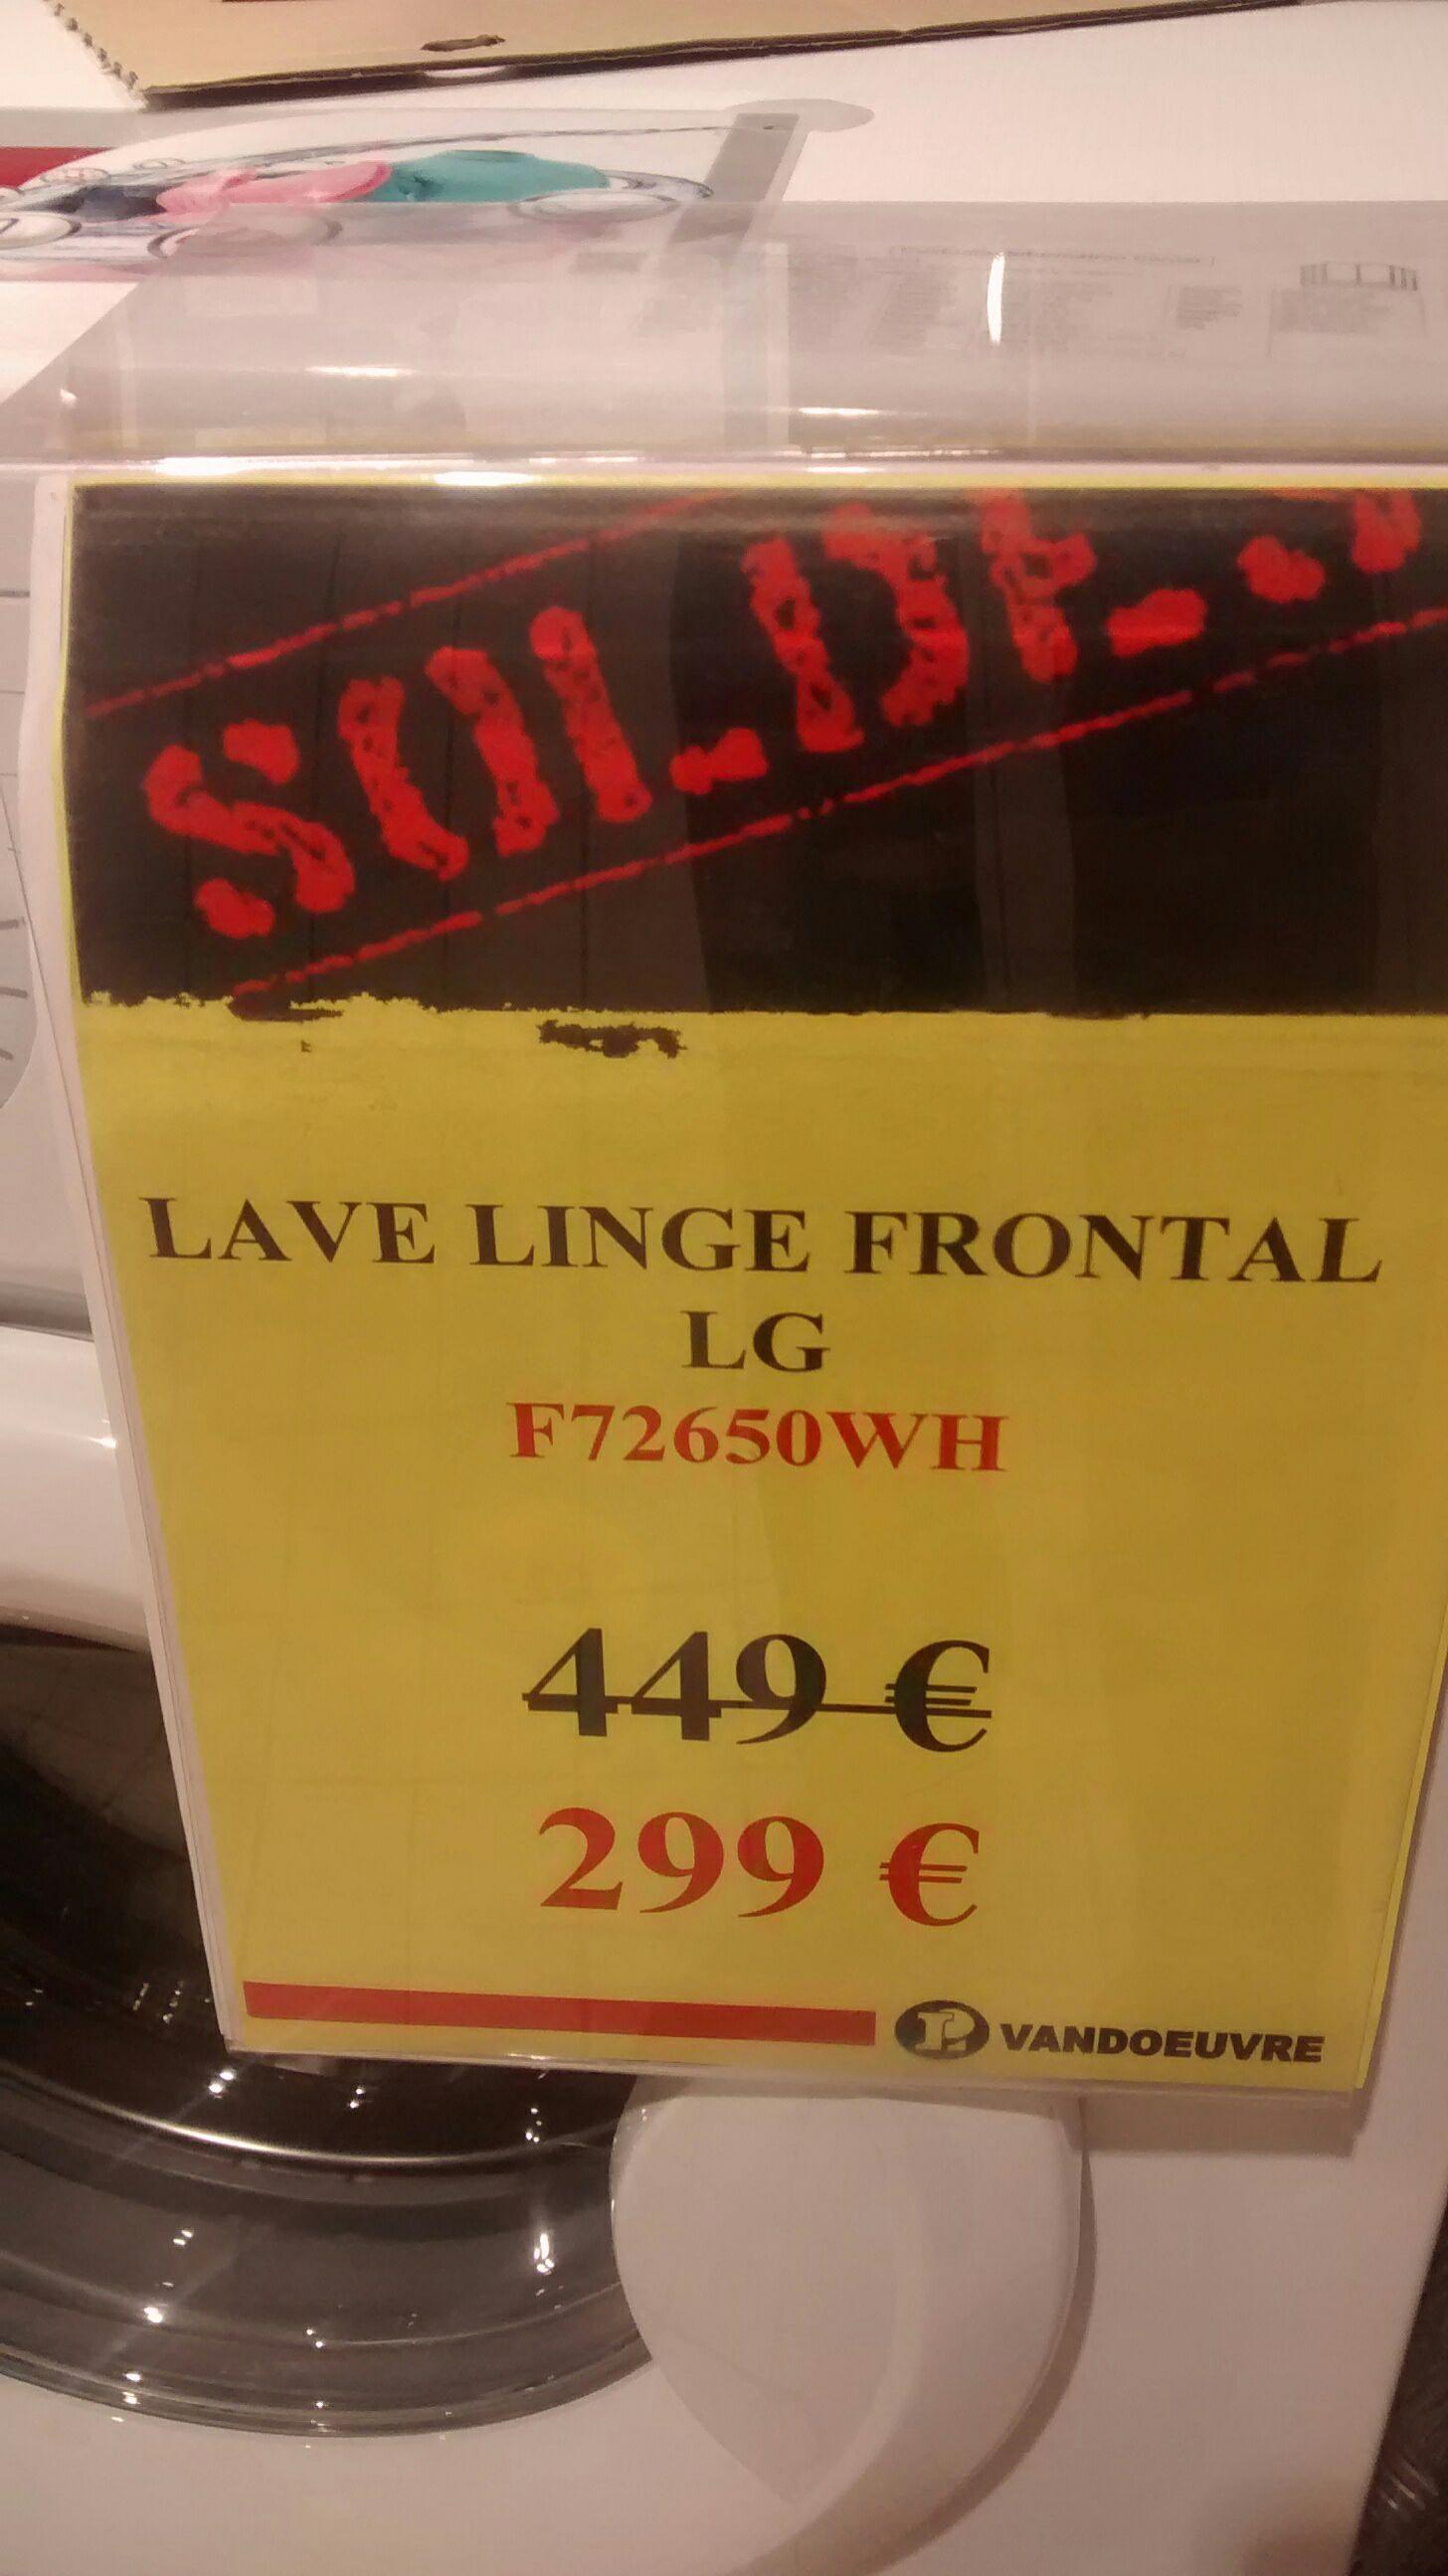 Lave linge frontal LG F72650WH - 7 Kg